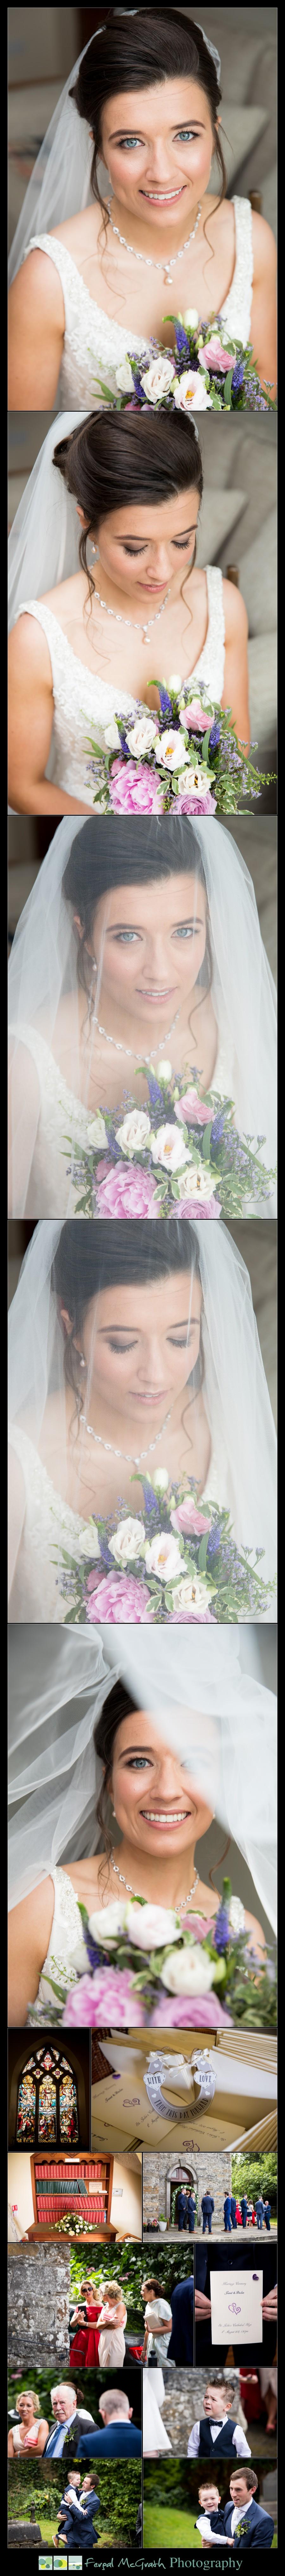 Clayton Hotel Sligo Wedding stunning sligo bride portraits